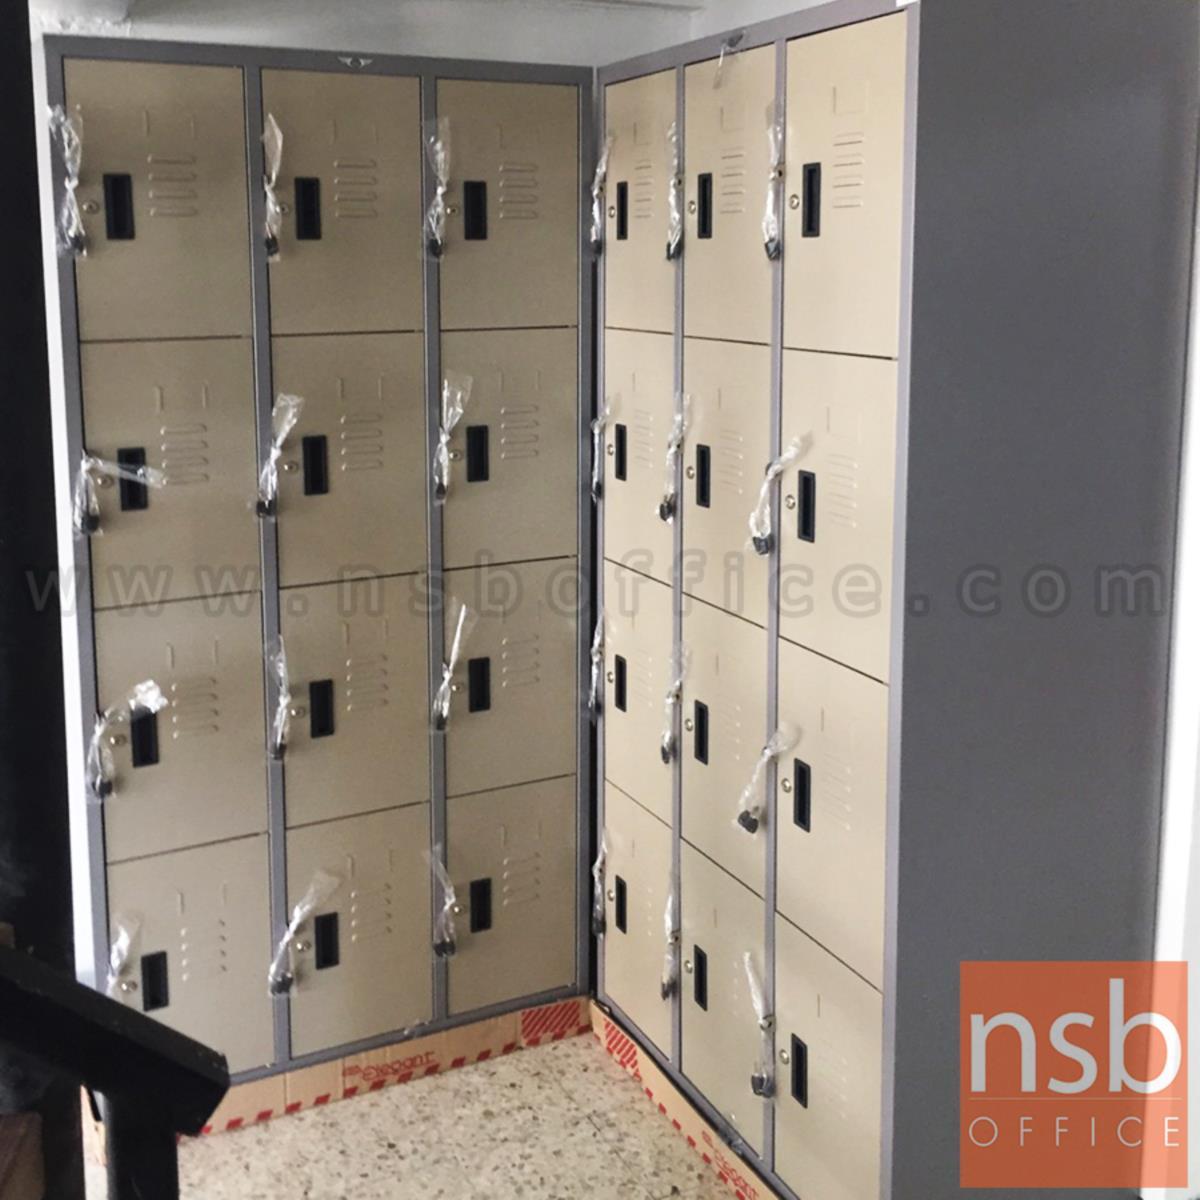 ตู้ล็อกเกอร์ 12 ประตู  รุ่น Seth (เซธ)  ขนาด 91W*45D*182H cm.